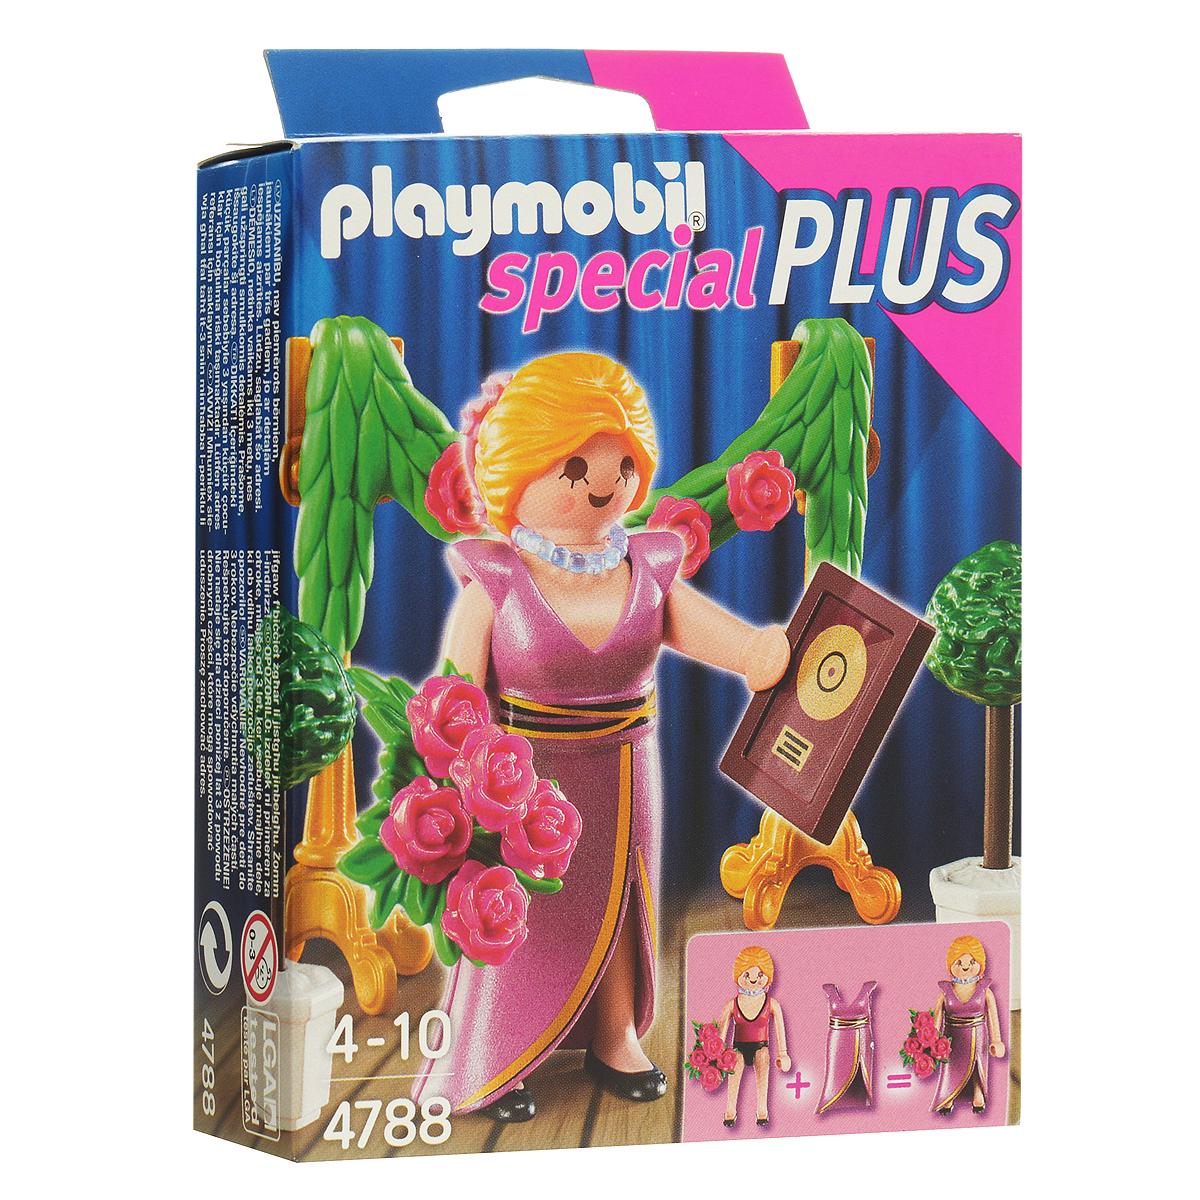 Playmobil Игровой набор Знаменитость с наградой4788pmИгровой набор Playmobil Знаменитость с наградой обязательно понравится вашей малышке. Он выполнен из безопасного пластика и включает фигурку в виде знаменитой певицы, награду и букет для нее и другие аксессуары для игры. У фигурки подвижные части тела; в руках она может удерживать предметы. Певица позирует перед телекамерами с наградой и букетом от поклонников. По такому случаю сцену украсили гирляндой и растениями в кадках. Ваш ребенок с удовольствием будет играть с набором, придумывая веселые истории. Рекомендуемый возраст: от 4 до 10 лет.